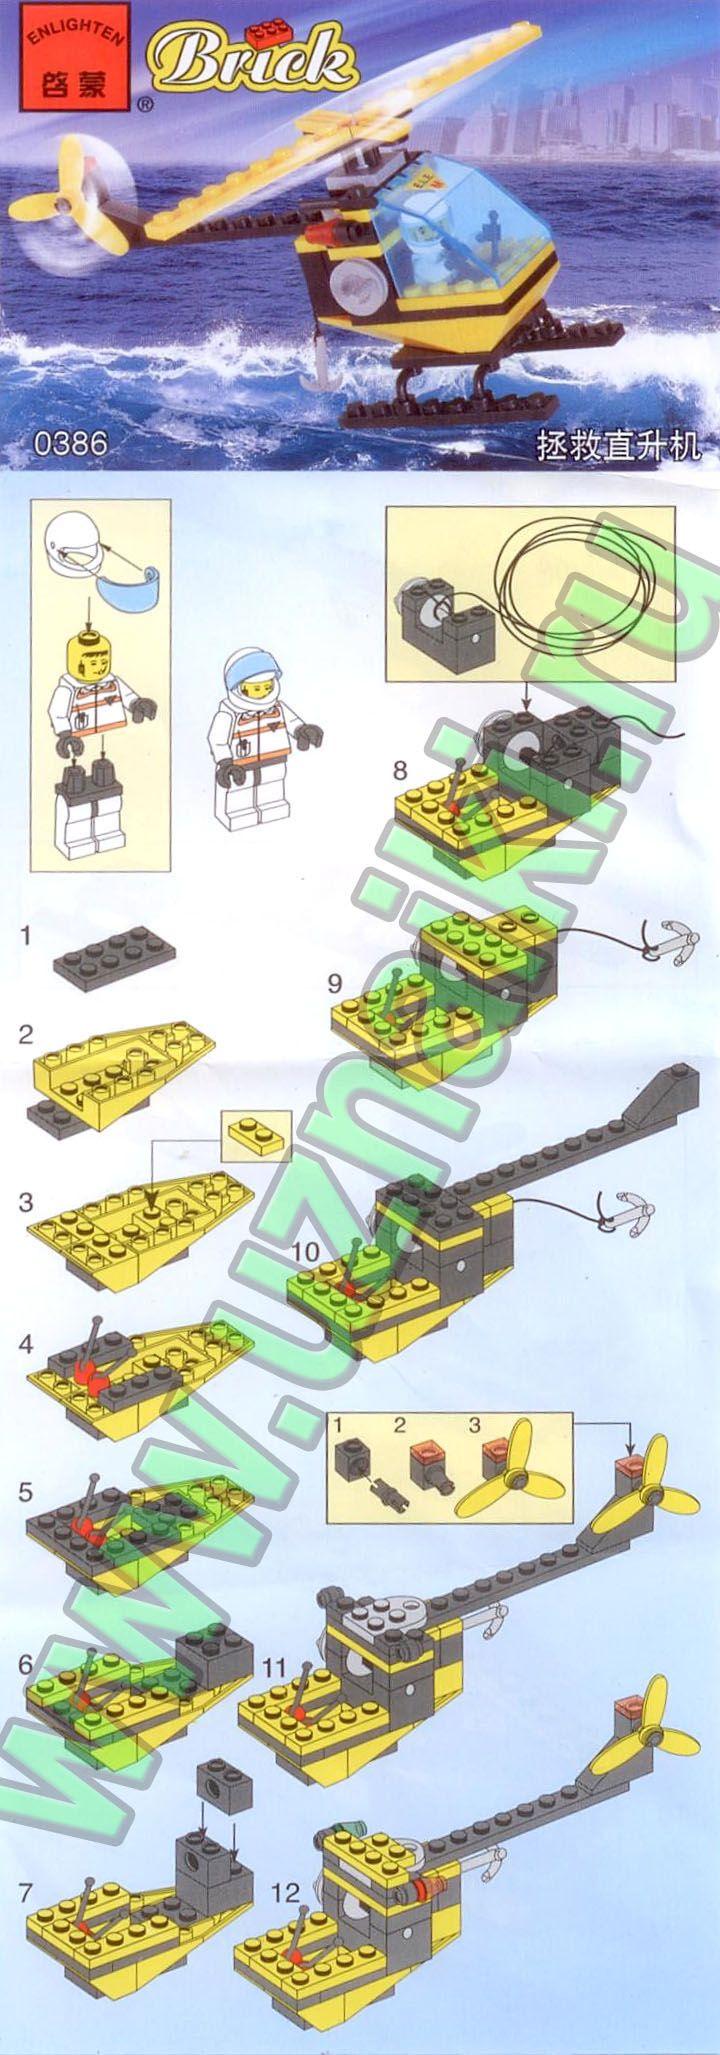 как сделать из лего вертолет инструкция в картинках